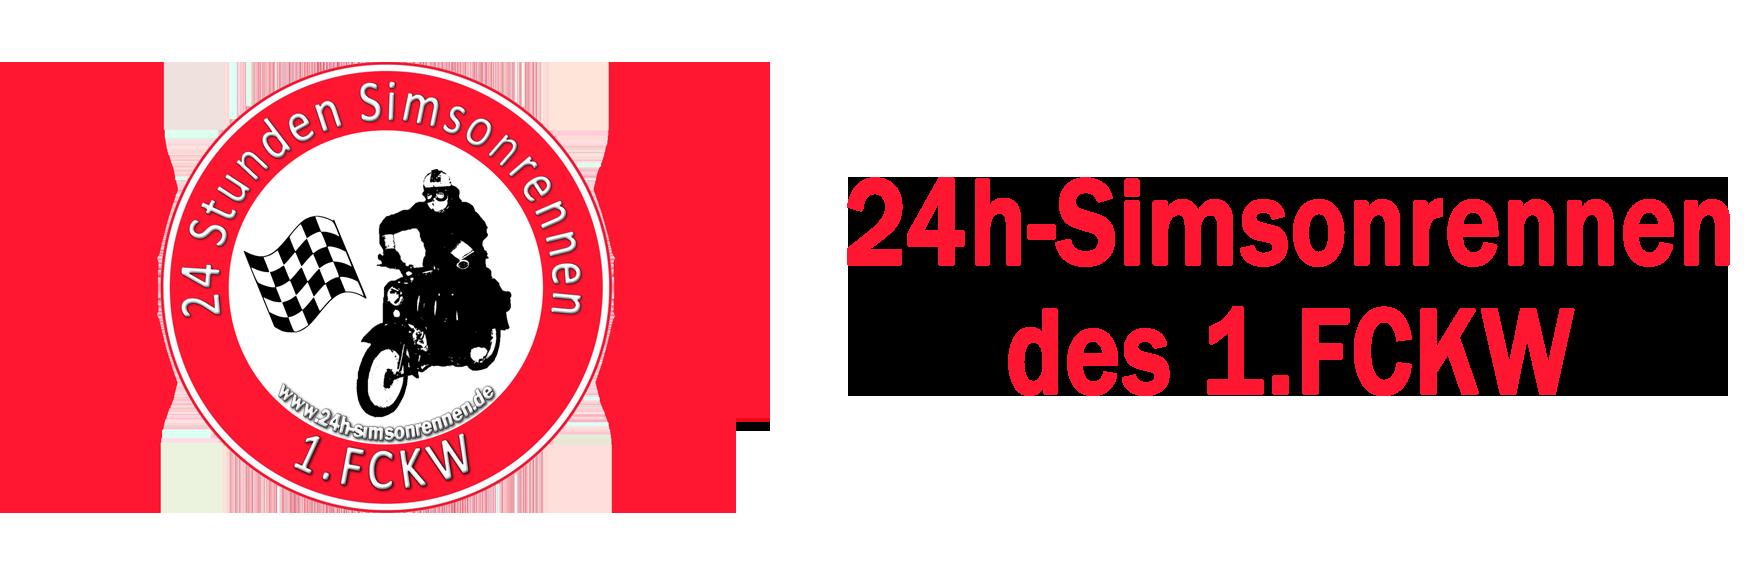 24 Stunden Simsonrennen - Das Original des 1.FCKW zum 7. Mal